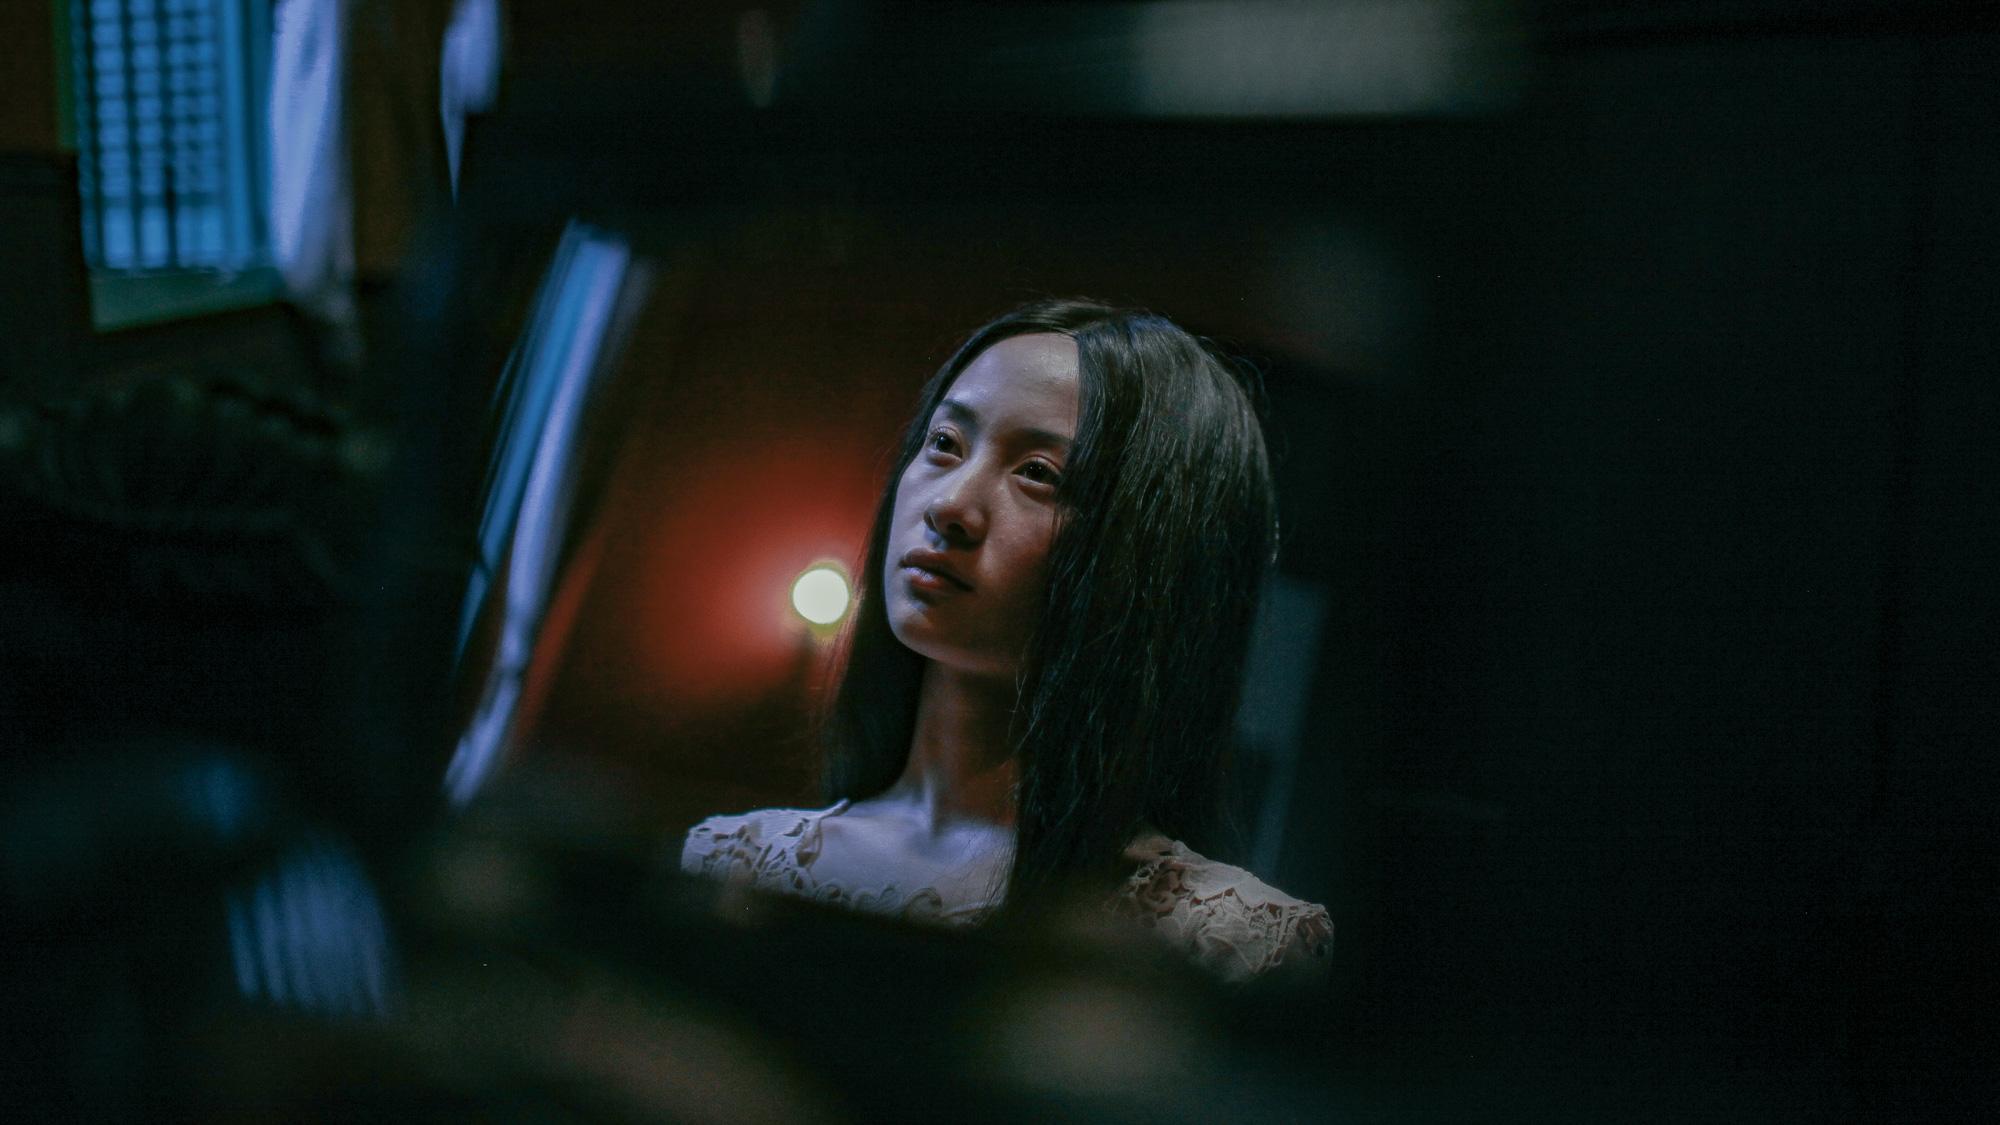 'Hết hồn' khi thấyJun Vũ bất động trước gương như một bóng ma 1